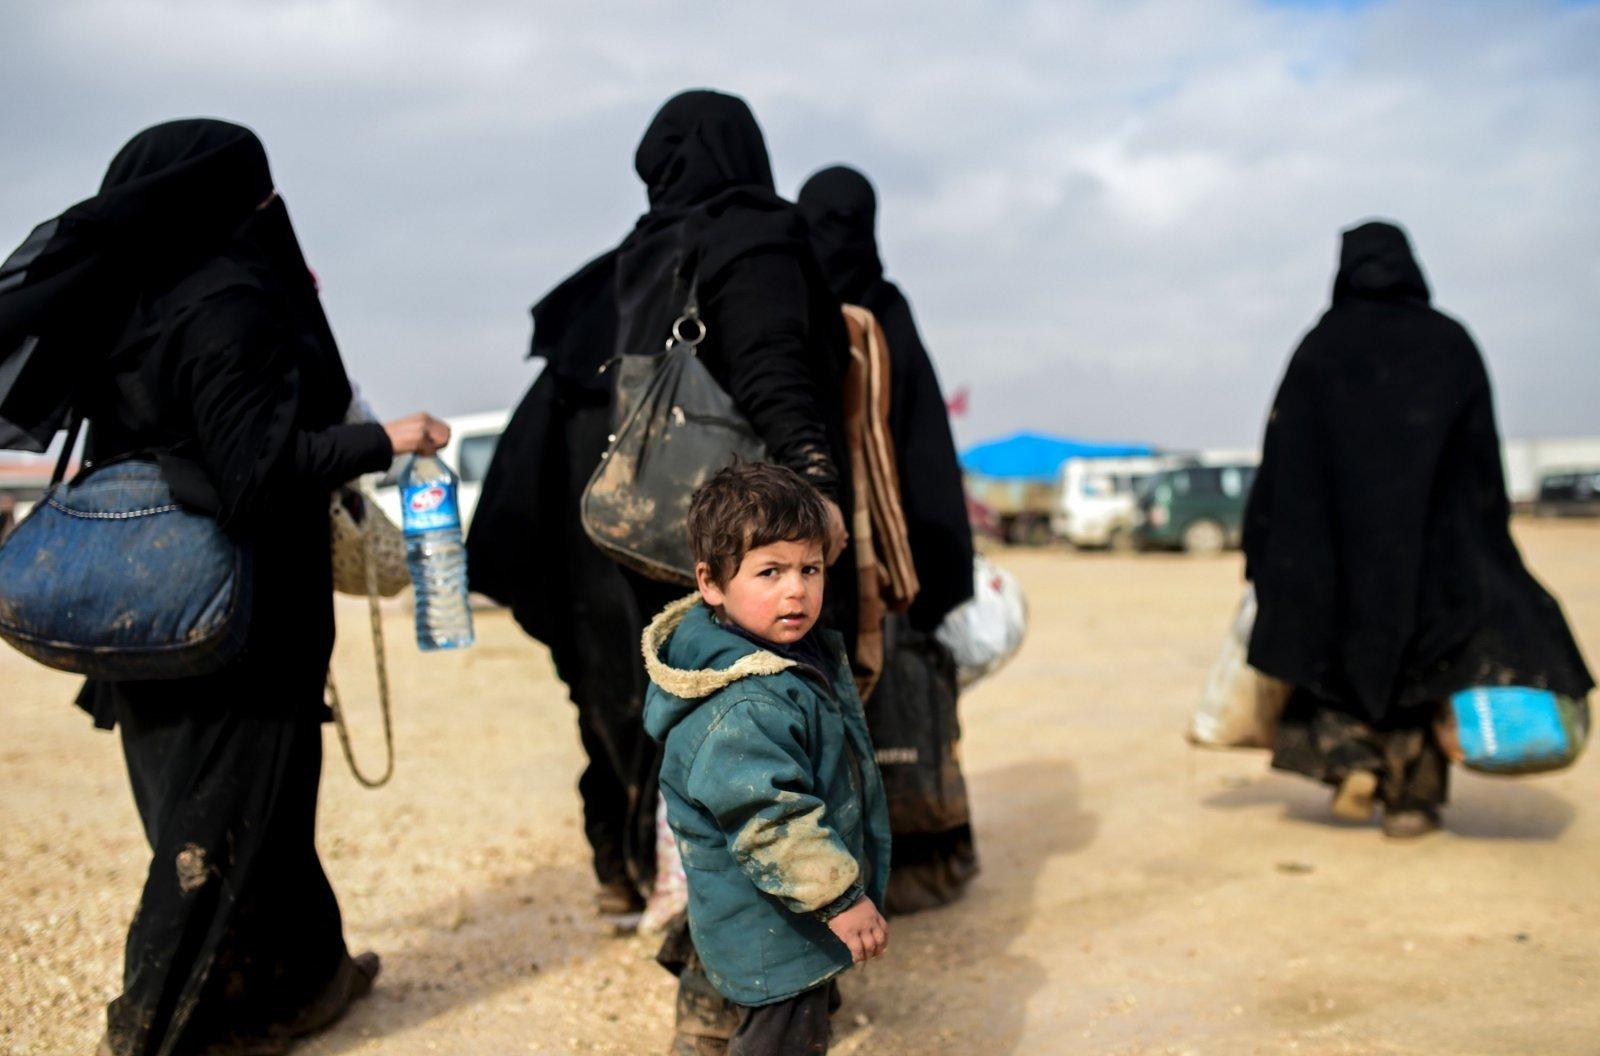 ООН призвала Турцию открыть границы для сирийских беженцев